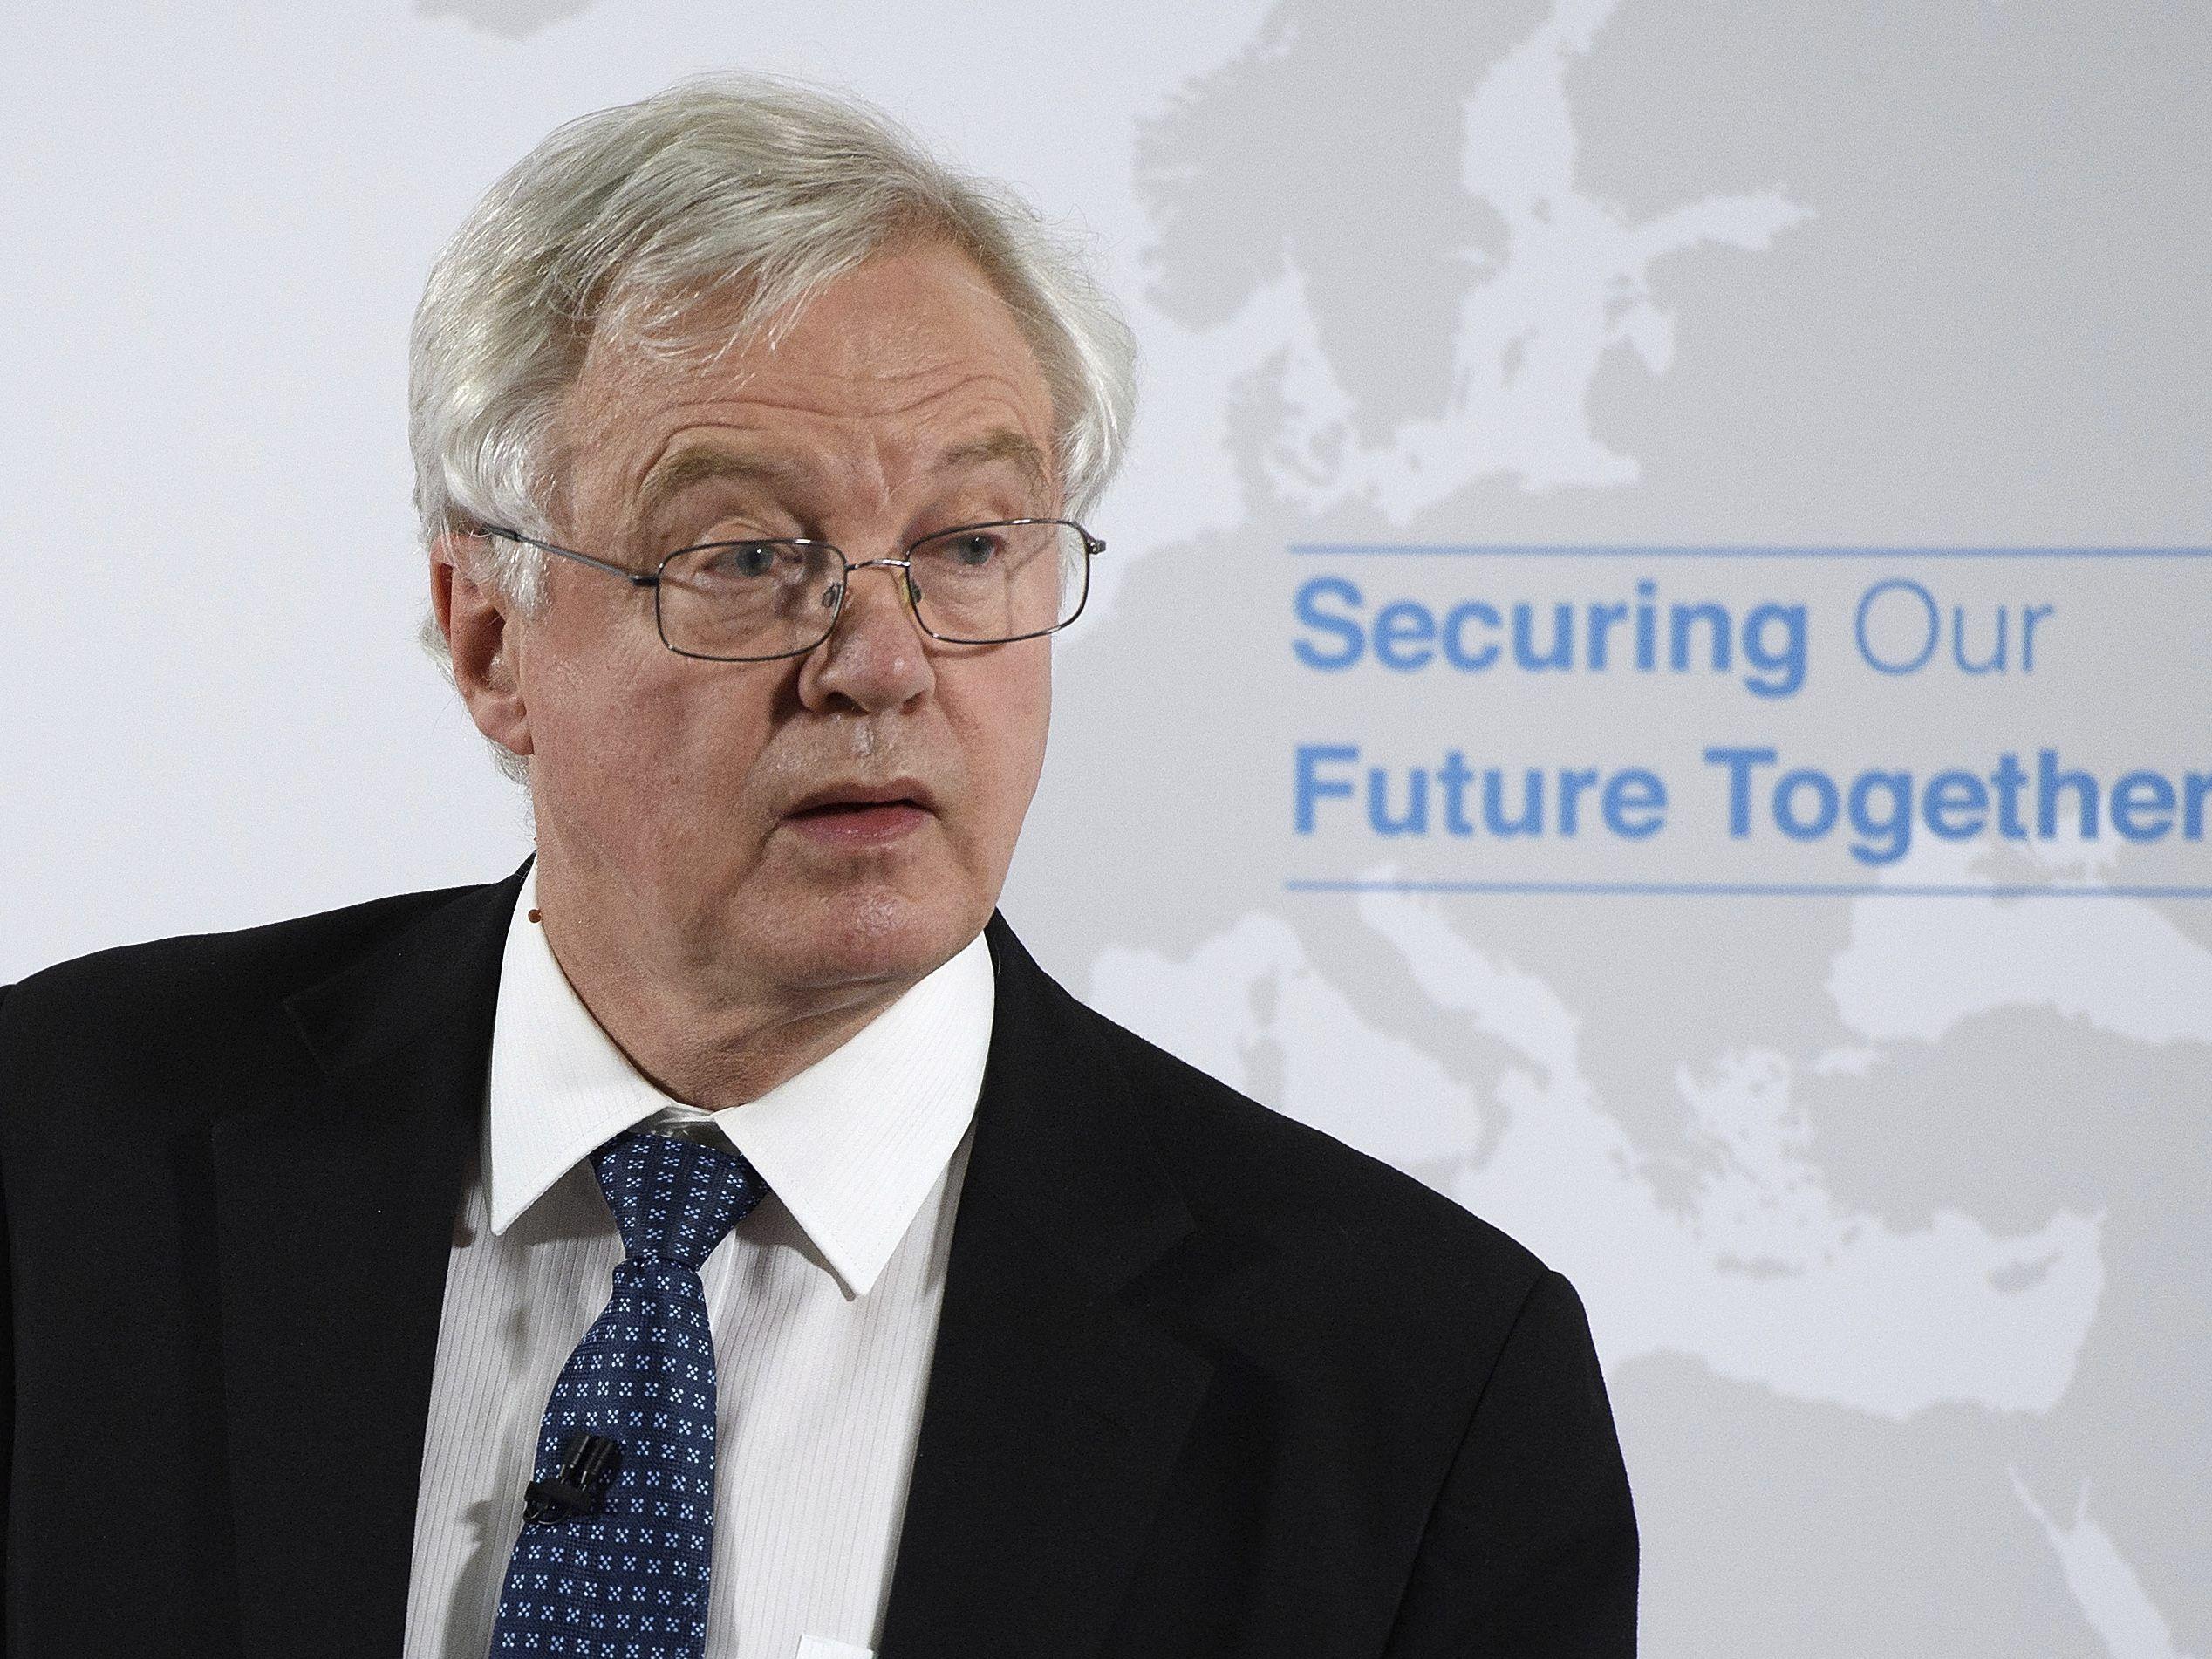 Knalleffekt in London: Auch Außenminister Johnson tritt zurück